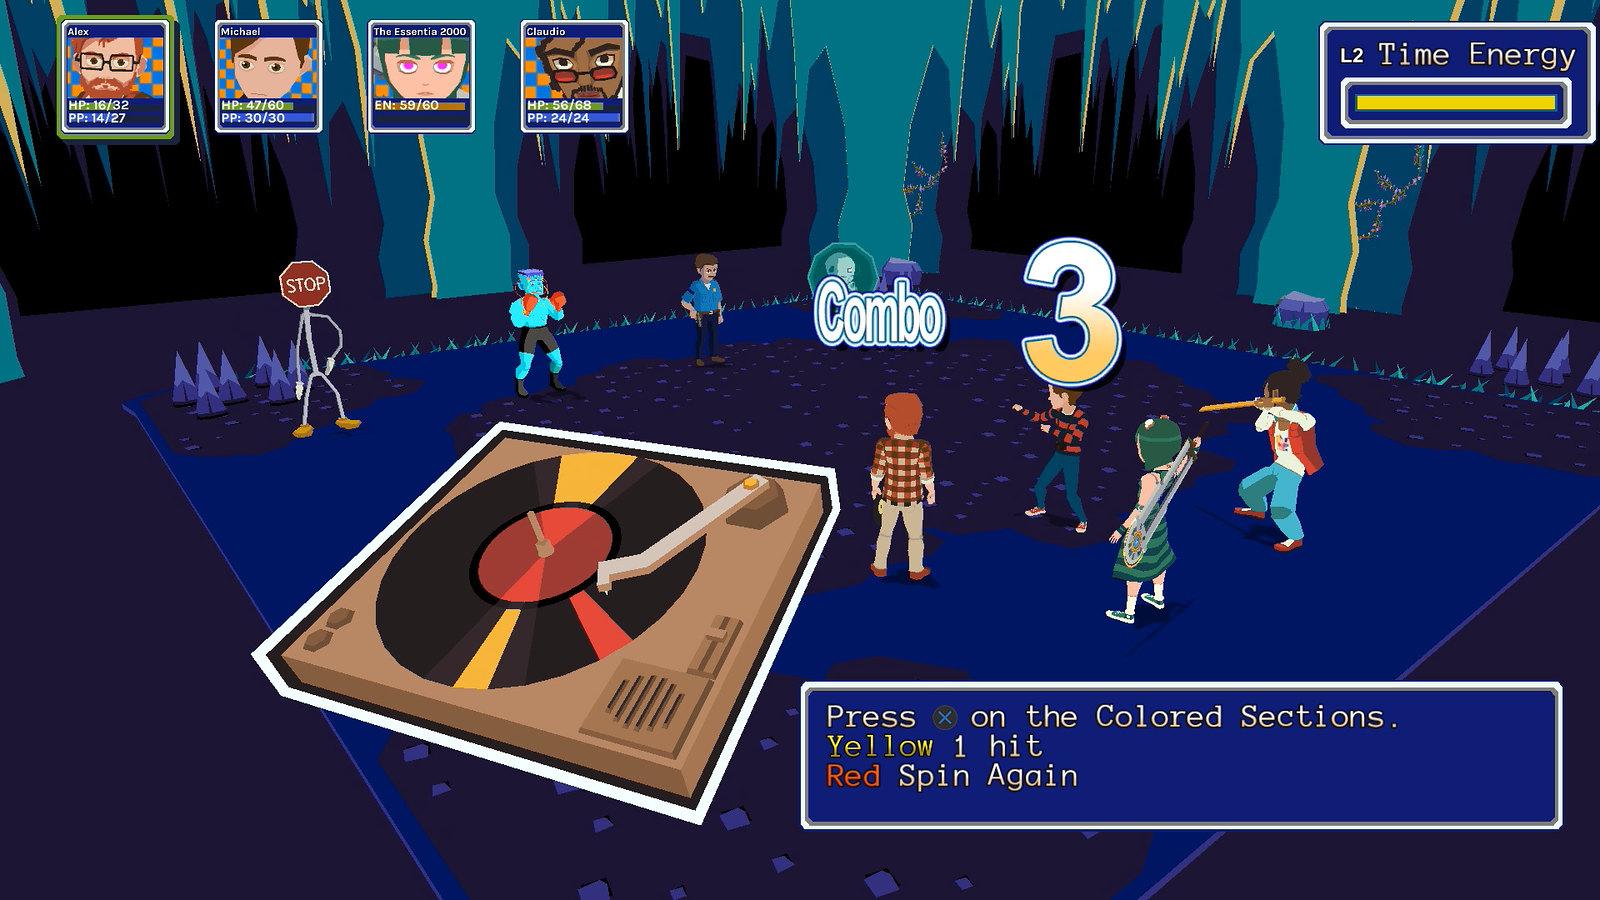 39740428943 ed8cd51ea8 h - Die Entwickler von YIIK: A Postmodern RPG sprechen über die Inspirationen, die Story und Gameplay des Spiels geprägt haben